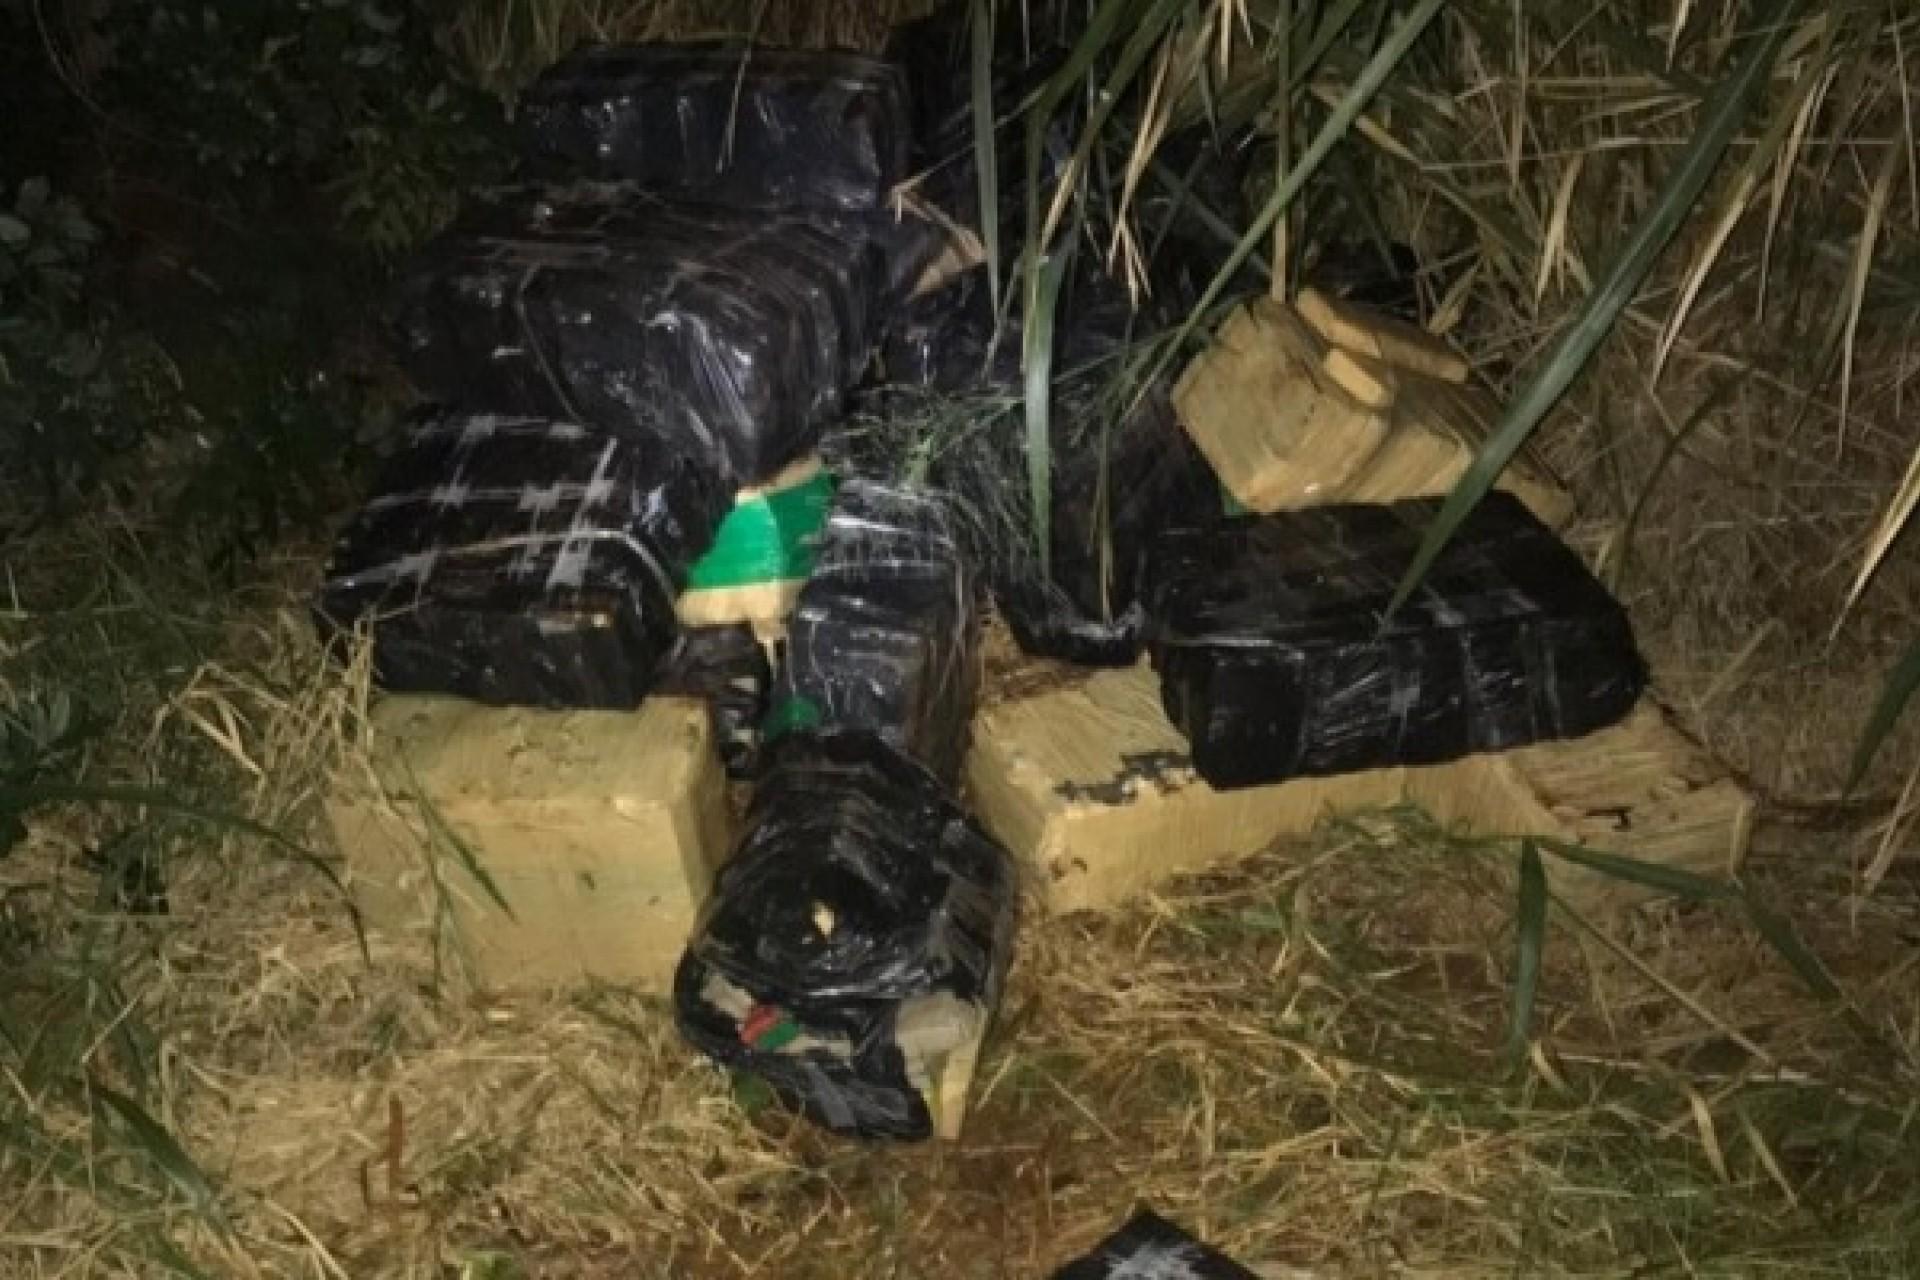 PF e Força Nacional apreendem mais de 1 tonelada de maconha em Itaipulândia